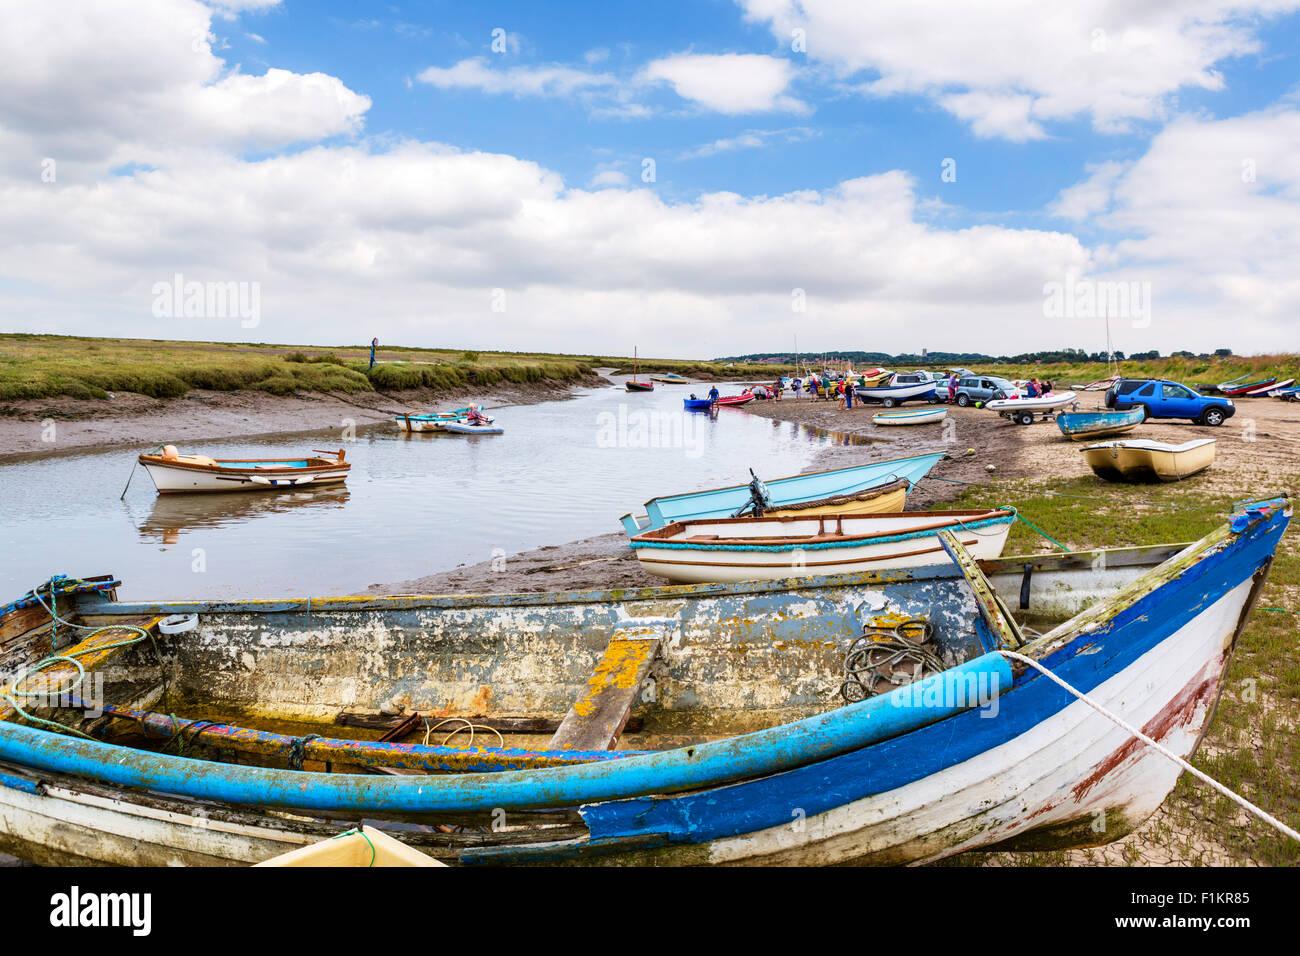 Boats at Morston Quay, near Blakeney National Nature Reserve (Blakeney Point), Norfolk, England, UK - Stock Image